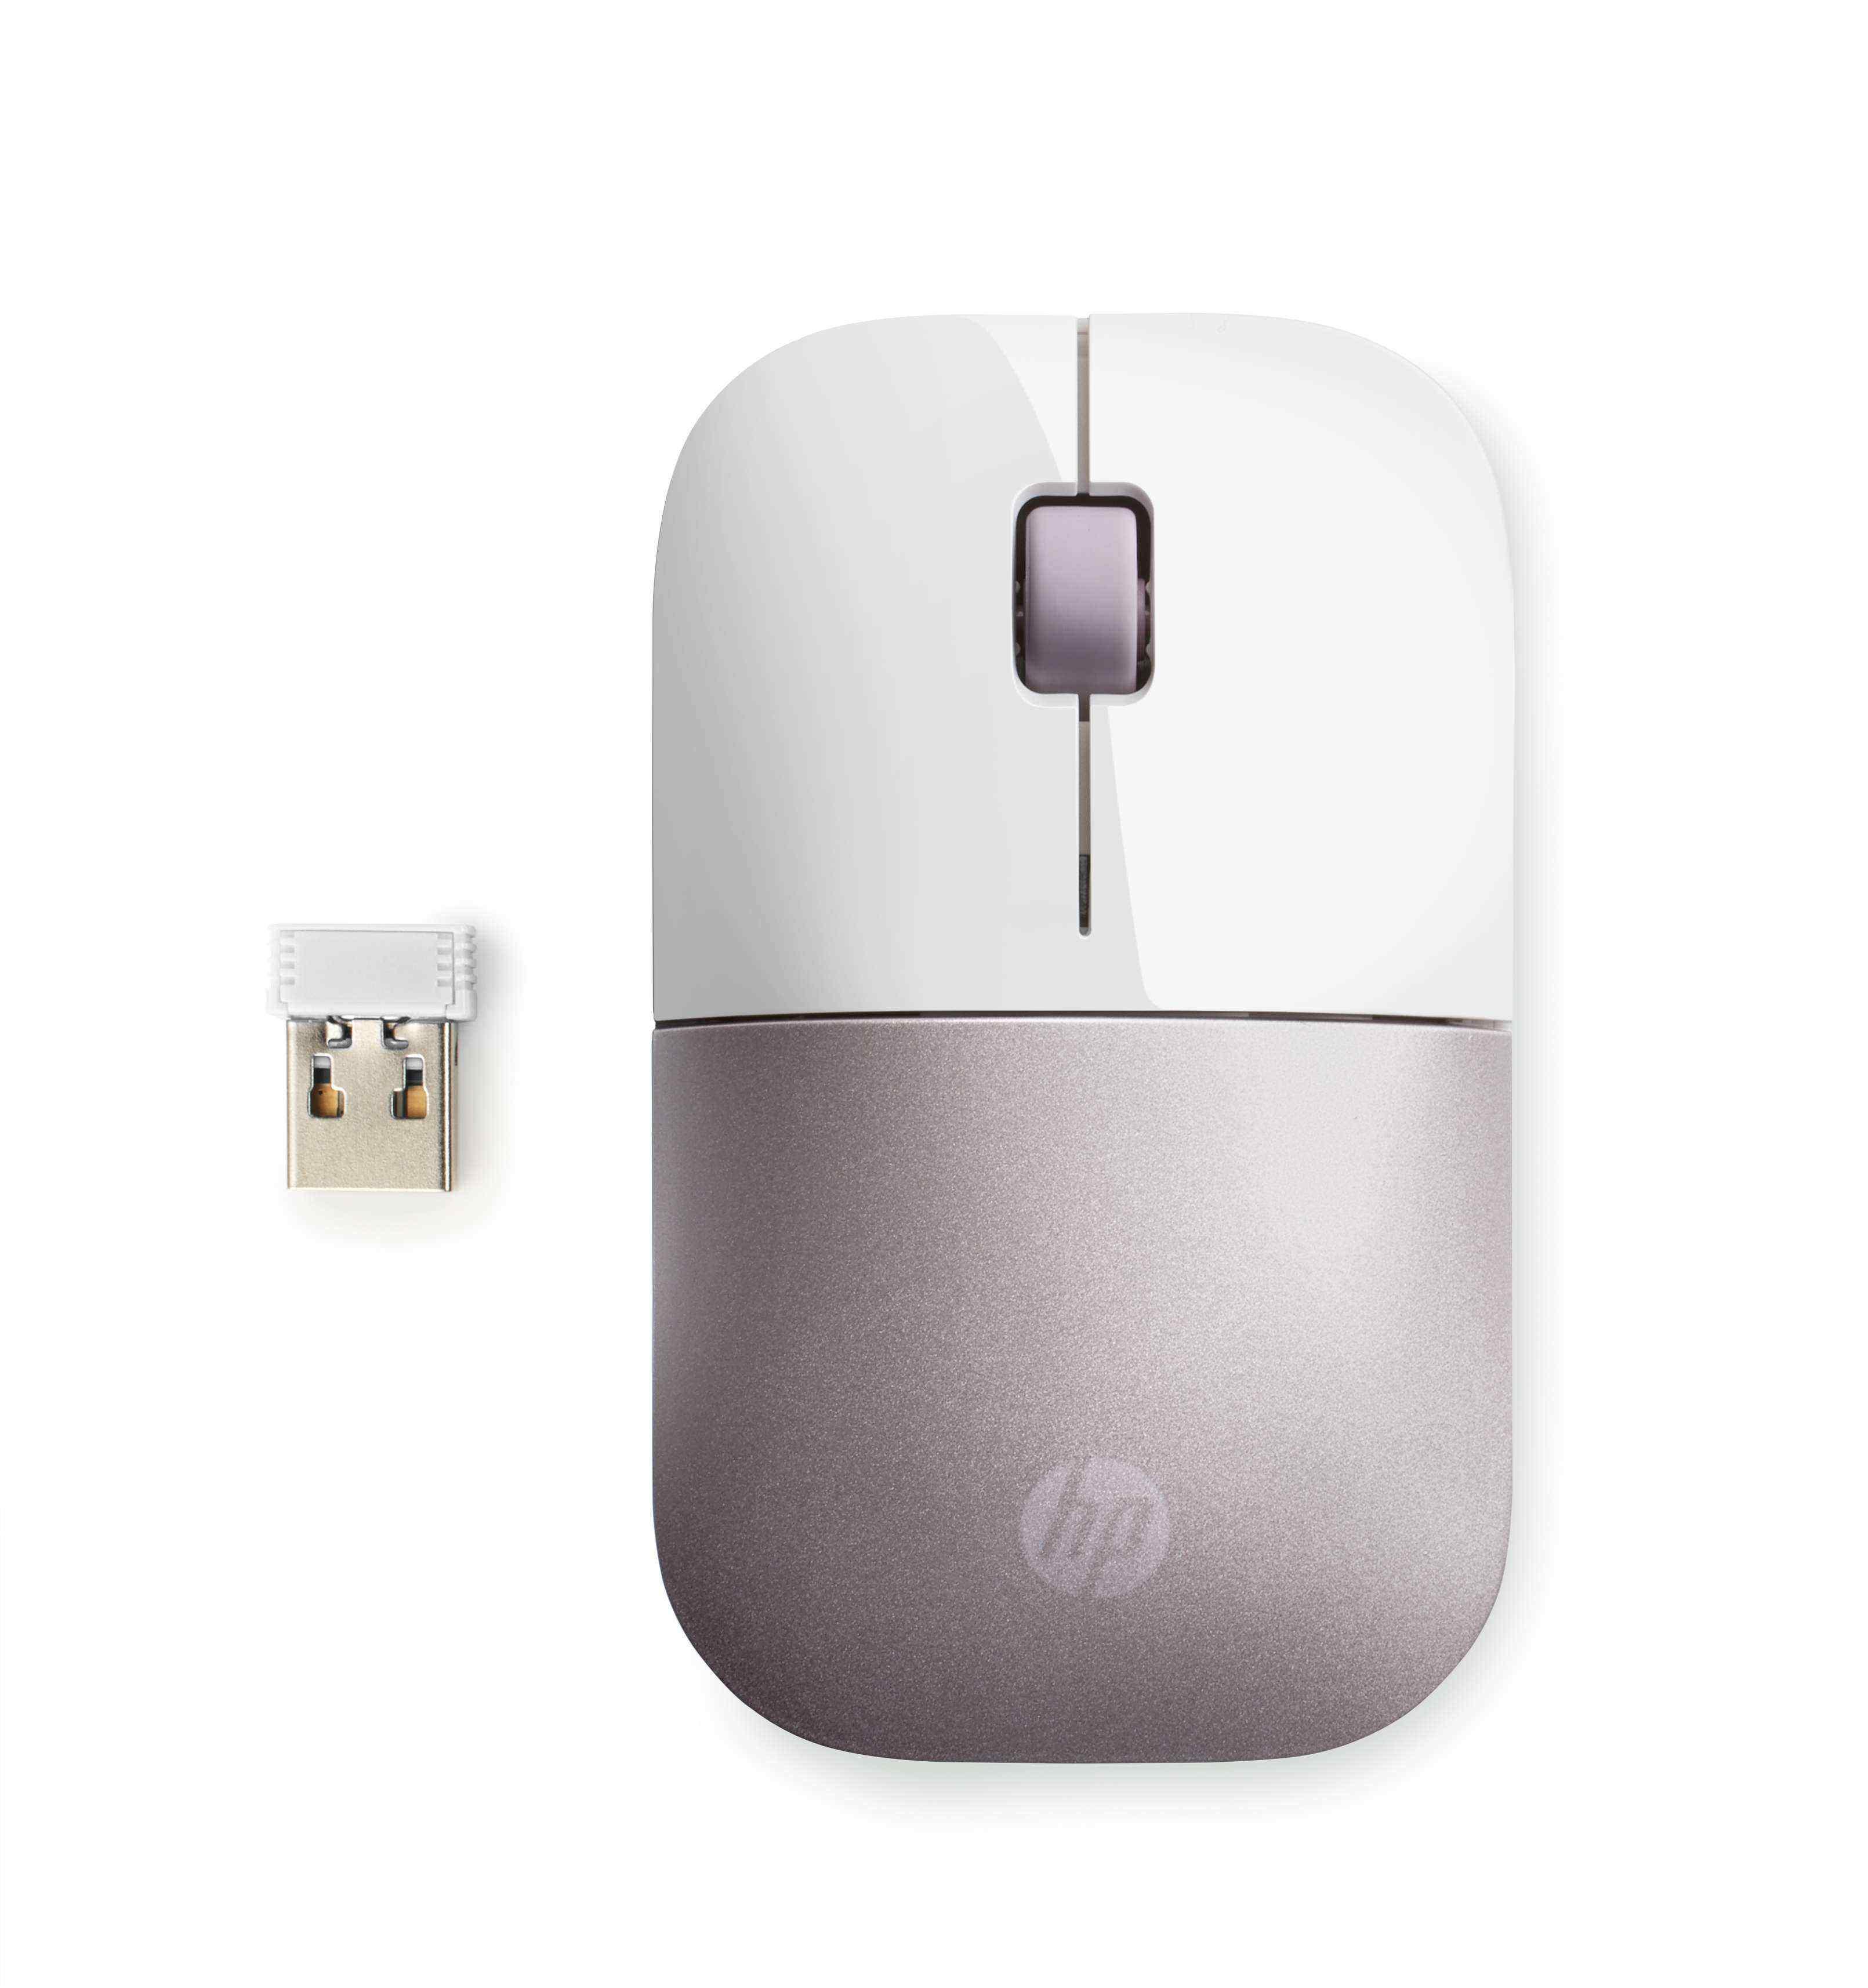 HP Z3700 Kablosuz İnce & Hafif Mouse - Beyaz & Roze